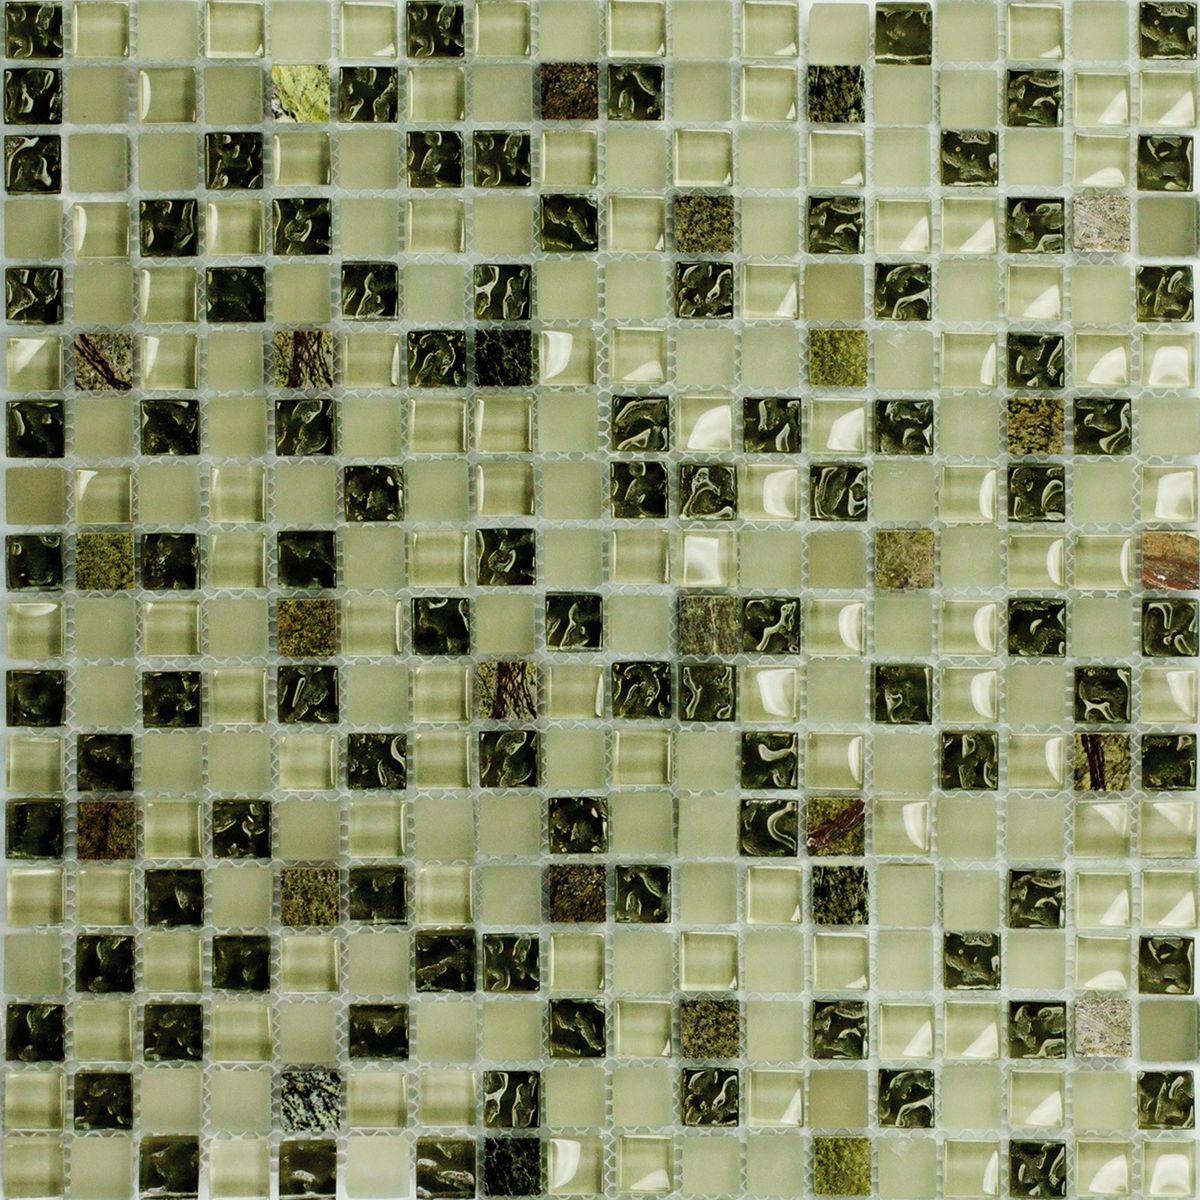 mattonelle a mosaico per bagno onix ceramica per bagno effetto marmo with mattonelle a mosaico. Black Bedroom Furniture Sets. Home Design Ideas